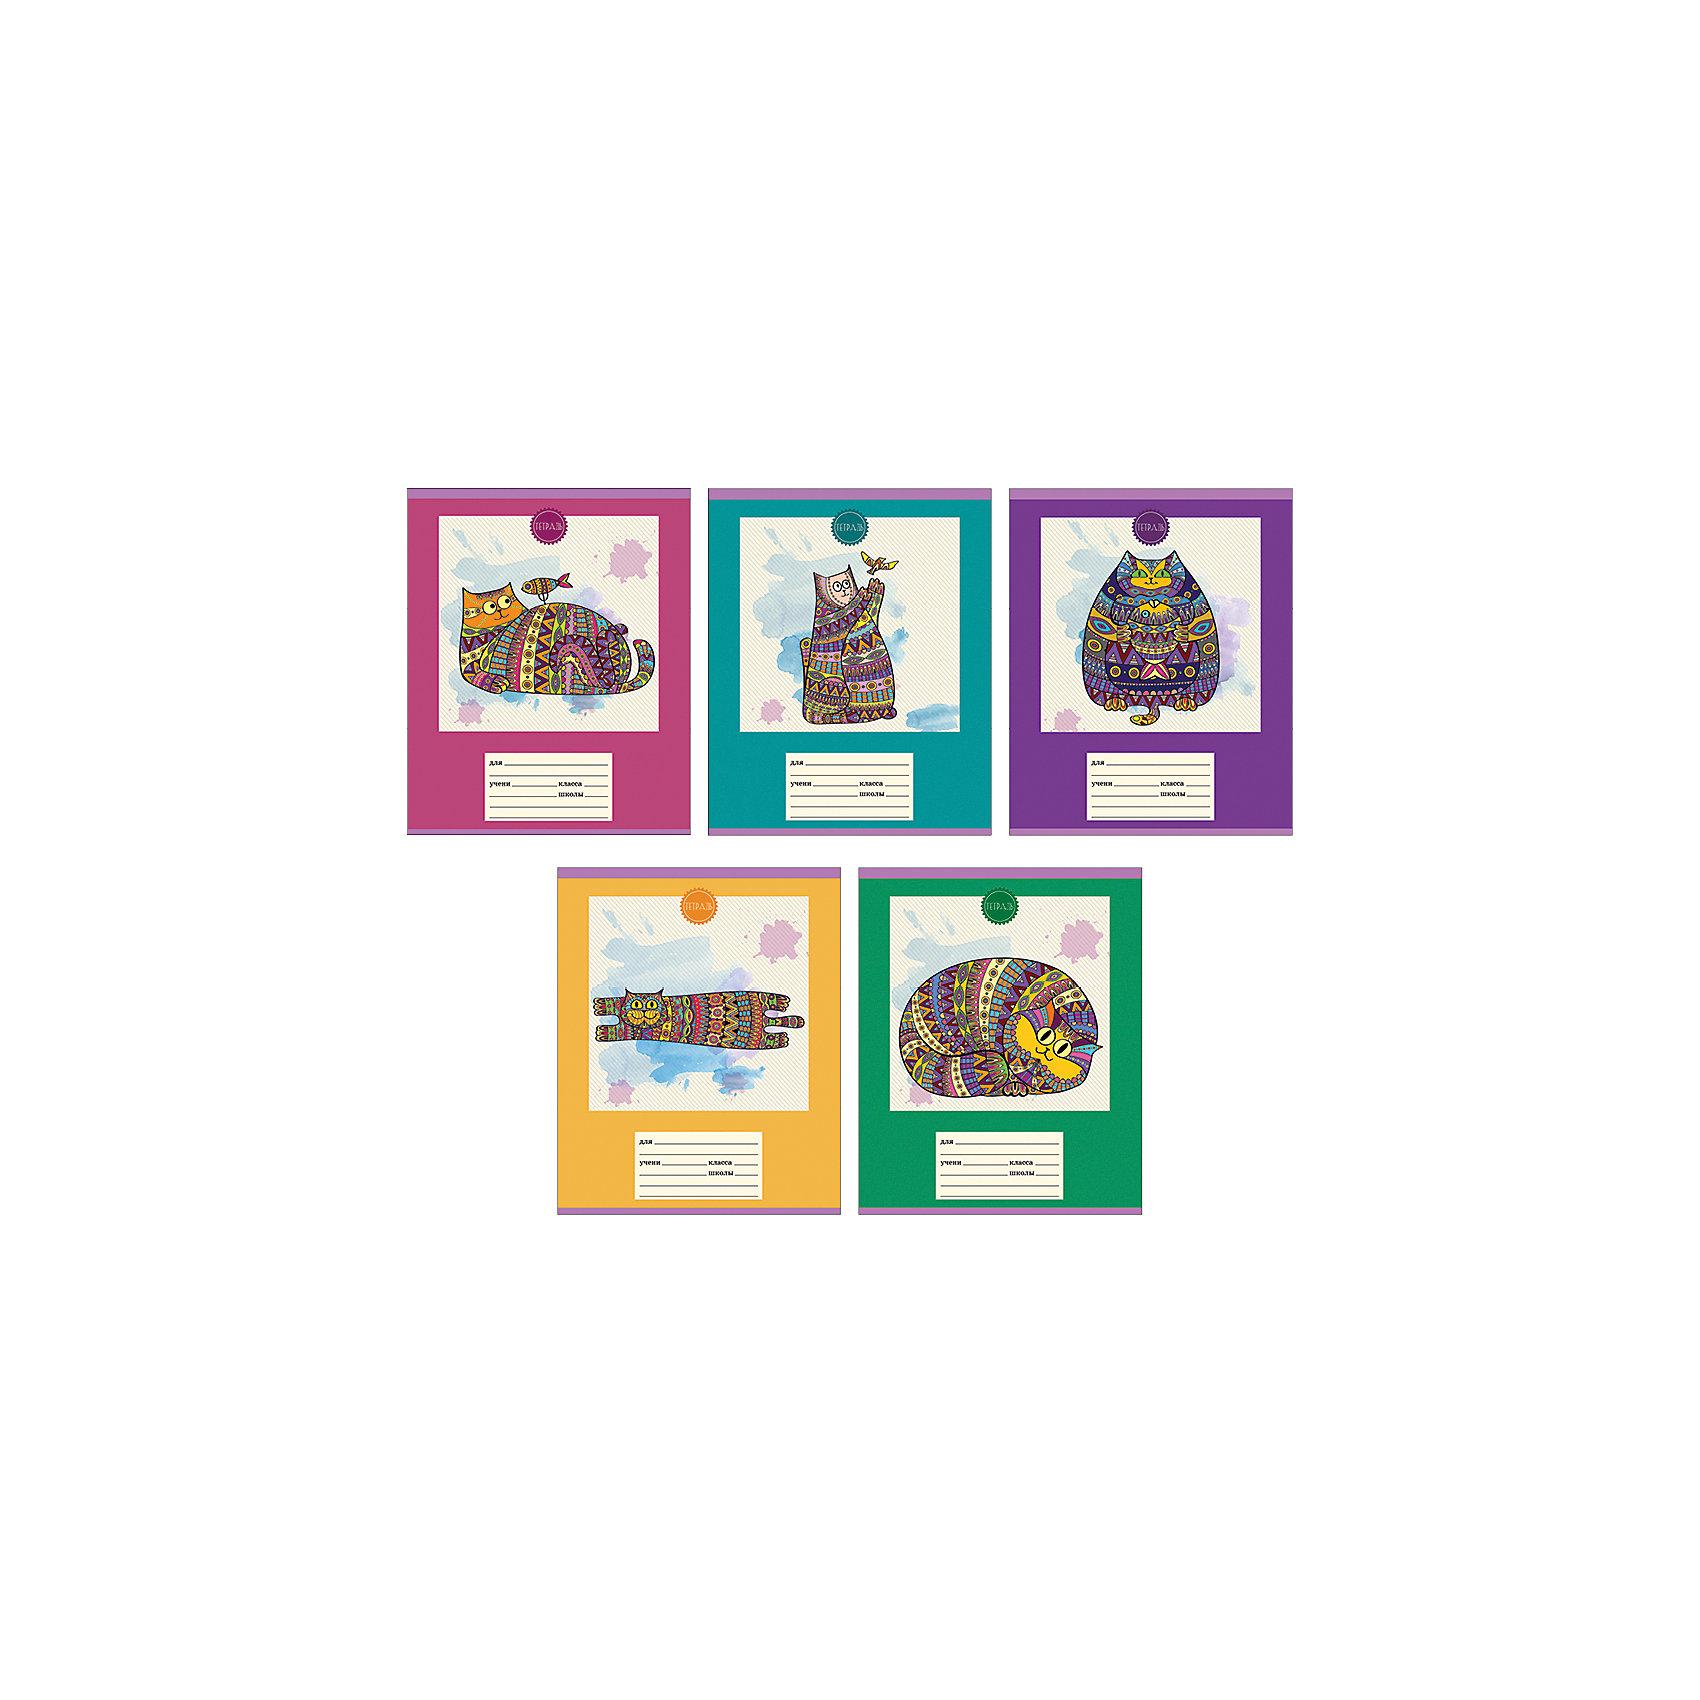 Комплект тетрадей Сказочные коты (10 шт), 24 листа, Канц-ЭксмоБумажная продукция<br>Характеристики комплекта тетрадей Сказочные коты:<br><br>• размеры: 20.2х16.3х3.5 см<br>• количество листов: 24 шт.<br>• разлиновка: клетка<br>• формат: А 5 <br>• комплектация: тетрадь<br>• бумага: офсет, плотностью 60 г/м2.<br>• Бренд: Канц-Эксмо<br>• страна бренда: Россия<br>• страна производителя: Россия<br><br>Комплект тетрадей Сказочные коты от российского производителя Канц-Эксмо выполнен в формате А5. На обложке тетрадей нанесены волшебные коты. Количество листов 24, тетради в клетку с полями. Крепление: скрепка. Обложка у изделий плотная - мелованный картон, выборочный лак.<br><br>Комплект тетрадей Сказочные коты от российского производителя Канц-Эксмо можно купить в нашем интернет-магазине.<br><br>Ширина мм: 202<br>Глубина мм: 163<br>Высота мм: 20<br>Вес г: 66<br>Возраст от месяцев: 72<br>Возраст до месяцев: 2147483647<br>Пол: Женский<br>Возраст: Детский<br>SKU: 5448401